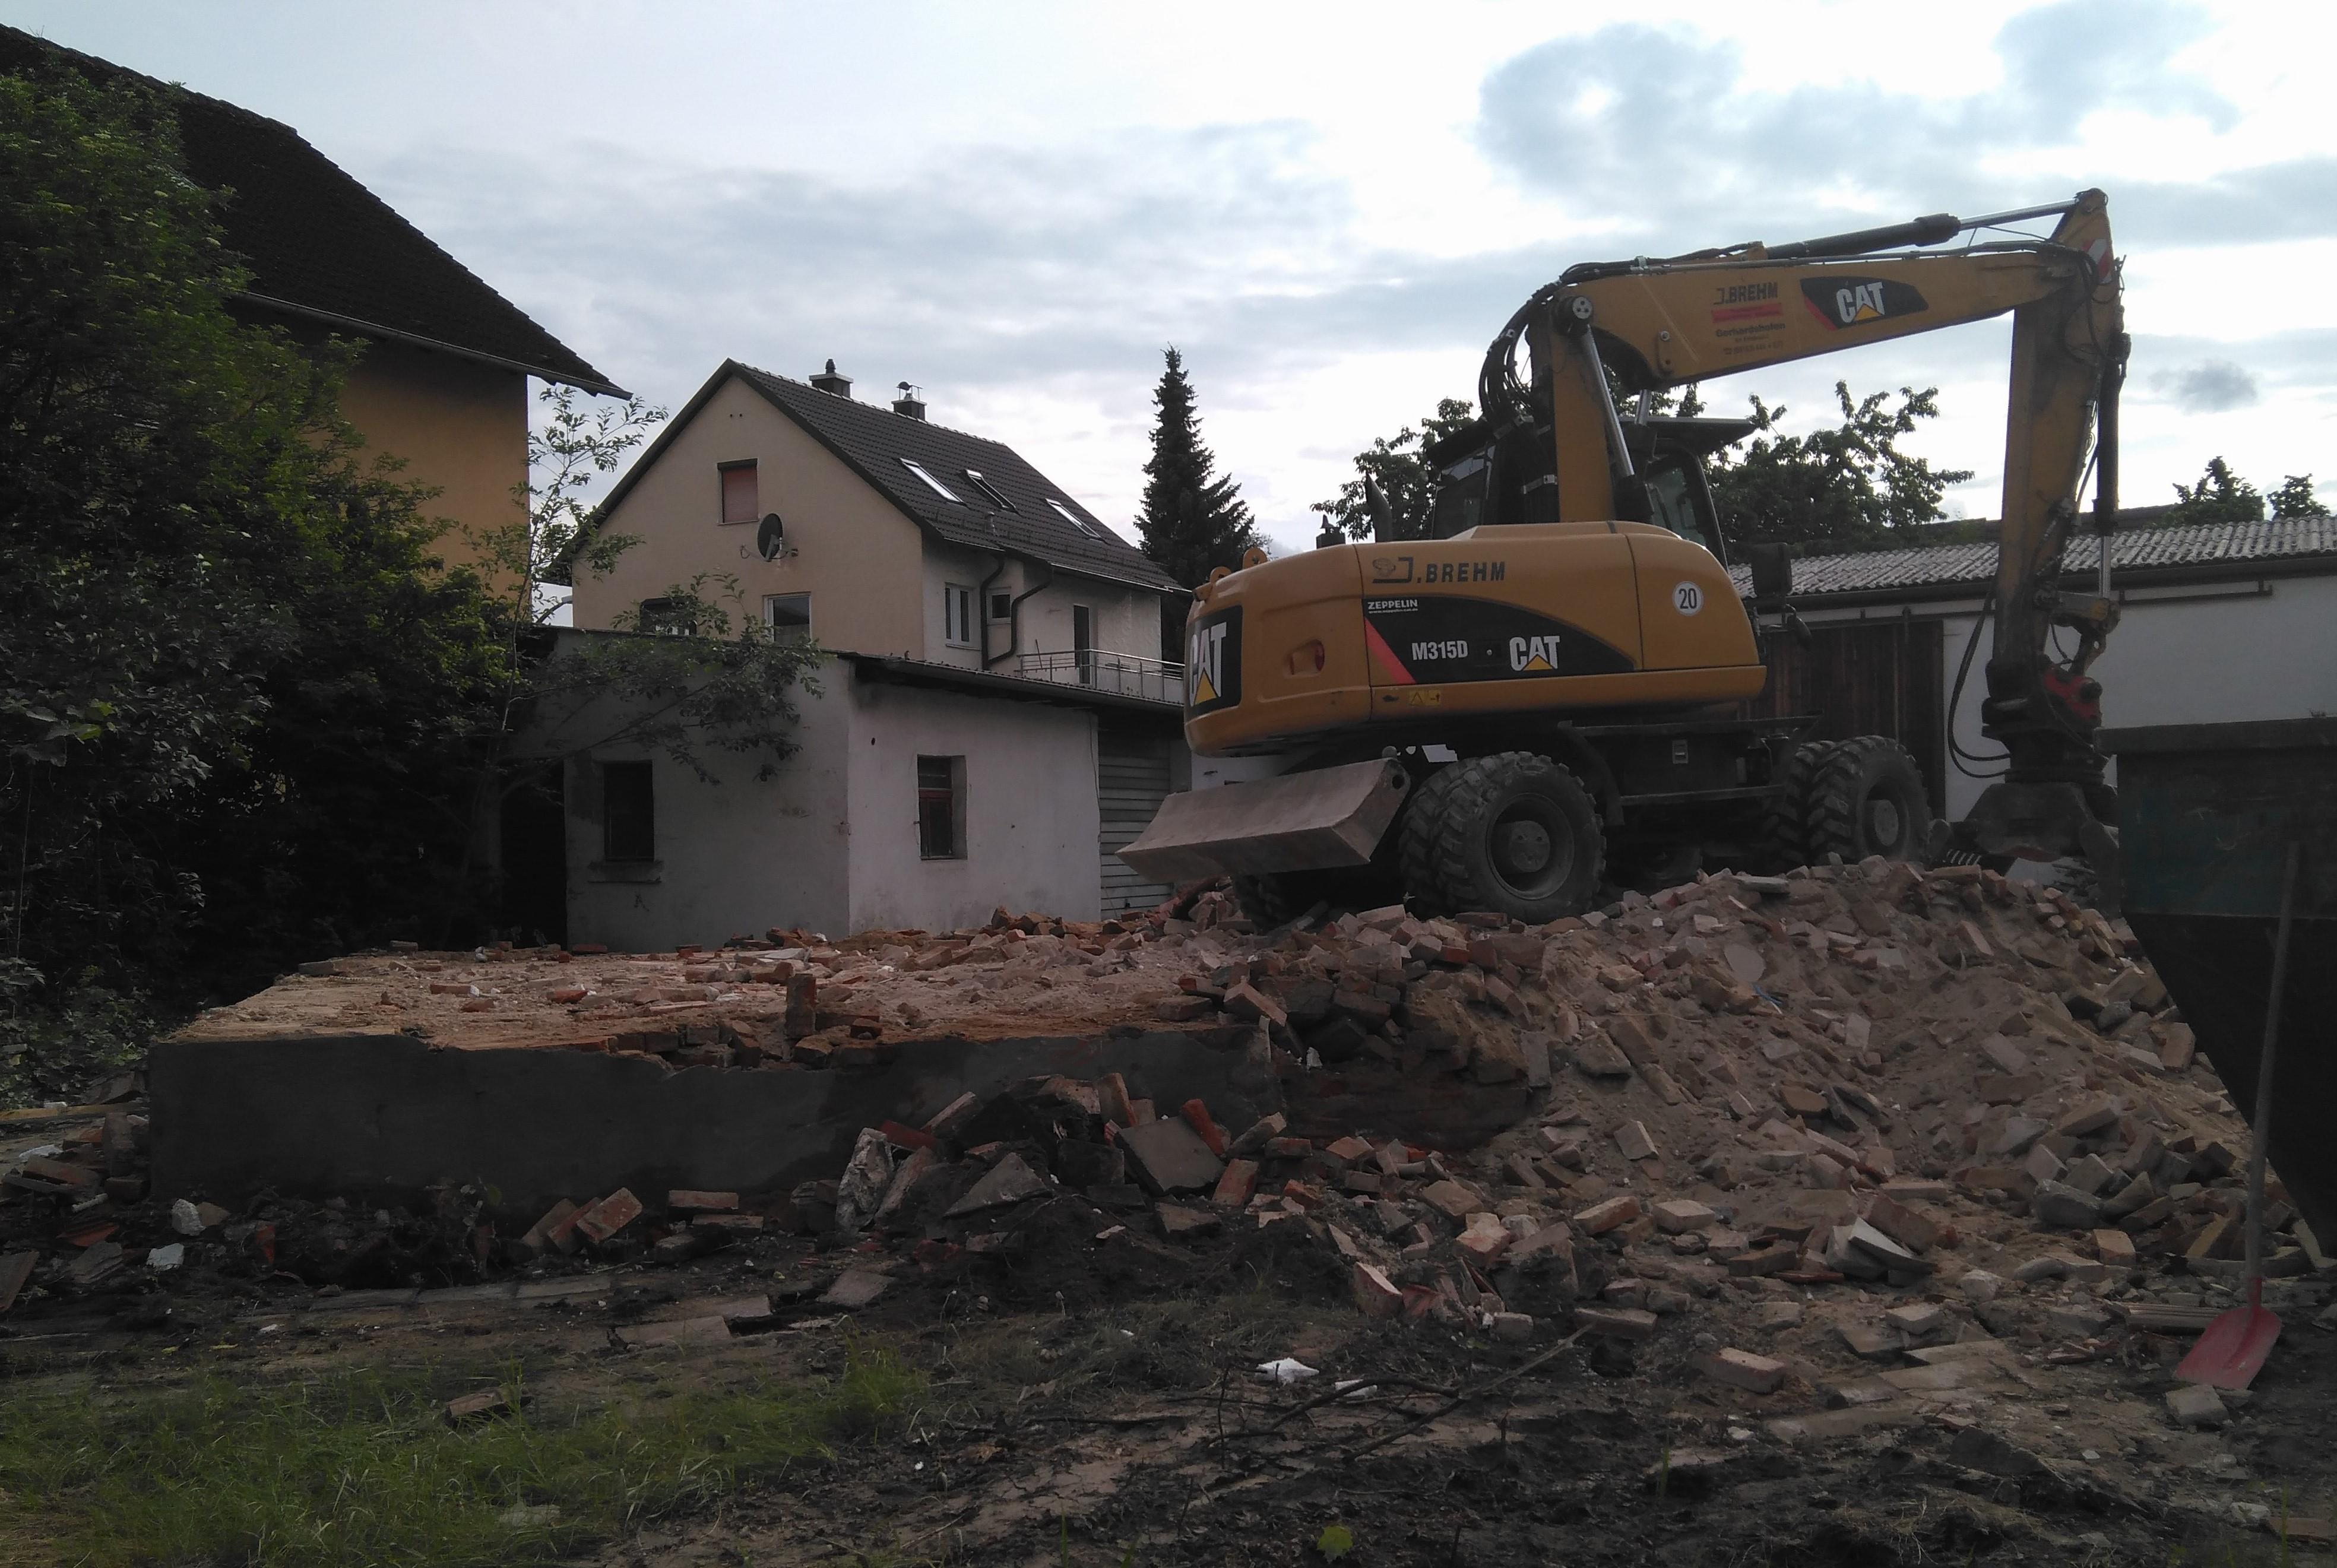 Diskussionsveranstaltung: Nachverdichtung und Flächensparen in Erlangen